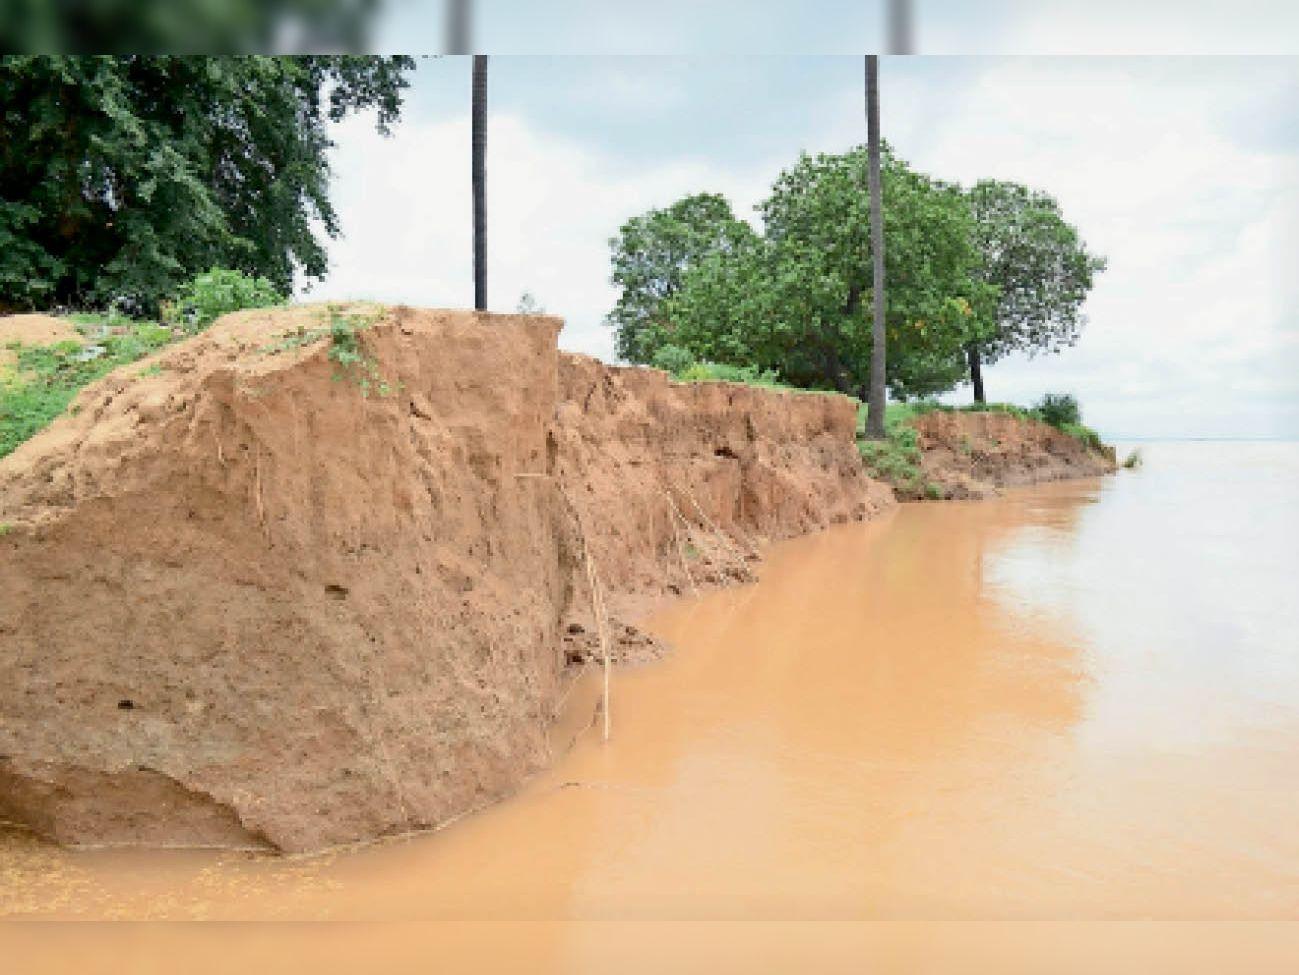 हर साल बाढ़ से साेन-काेयल में समा जाती है हजाराें एकड़ जमीन हैदरनगर,Haidarnagar - Dainik Bhaskar